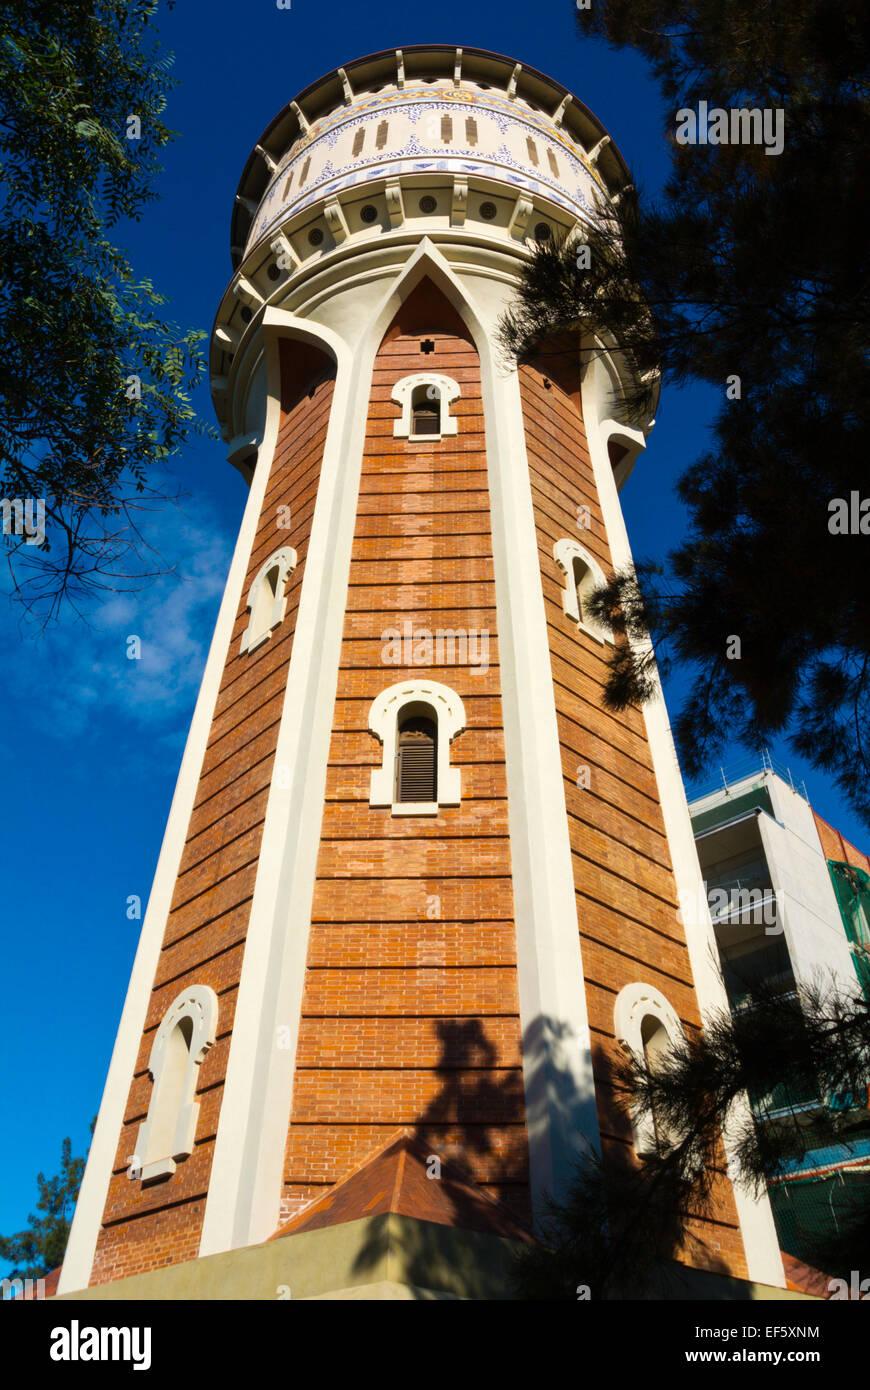 torre de les aigues 1905 modernista style architecture parc de la stock photo royalty free. Black Bedroom Furniture Sets. Home Design Ideas